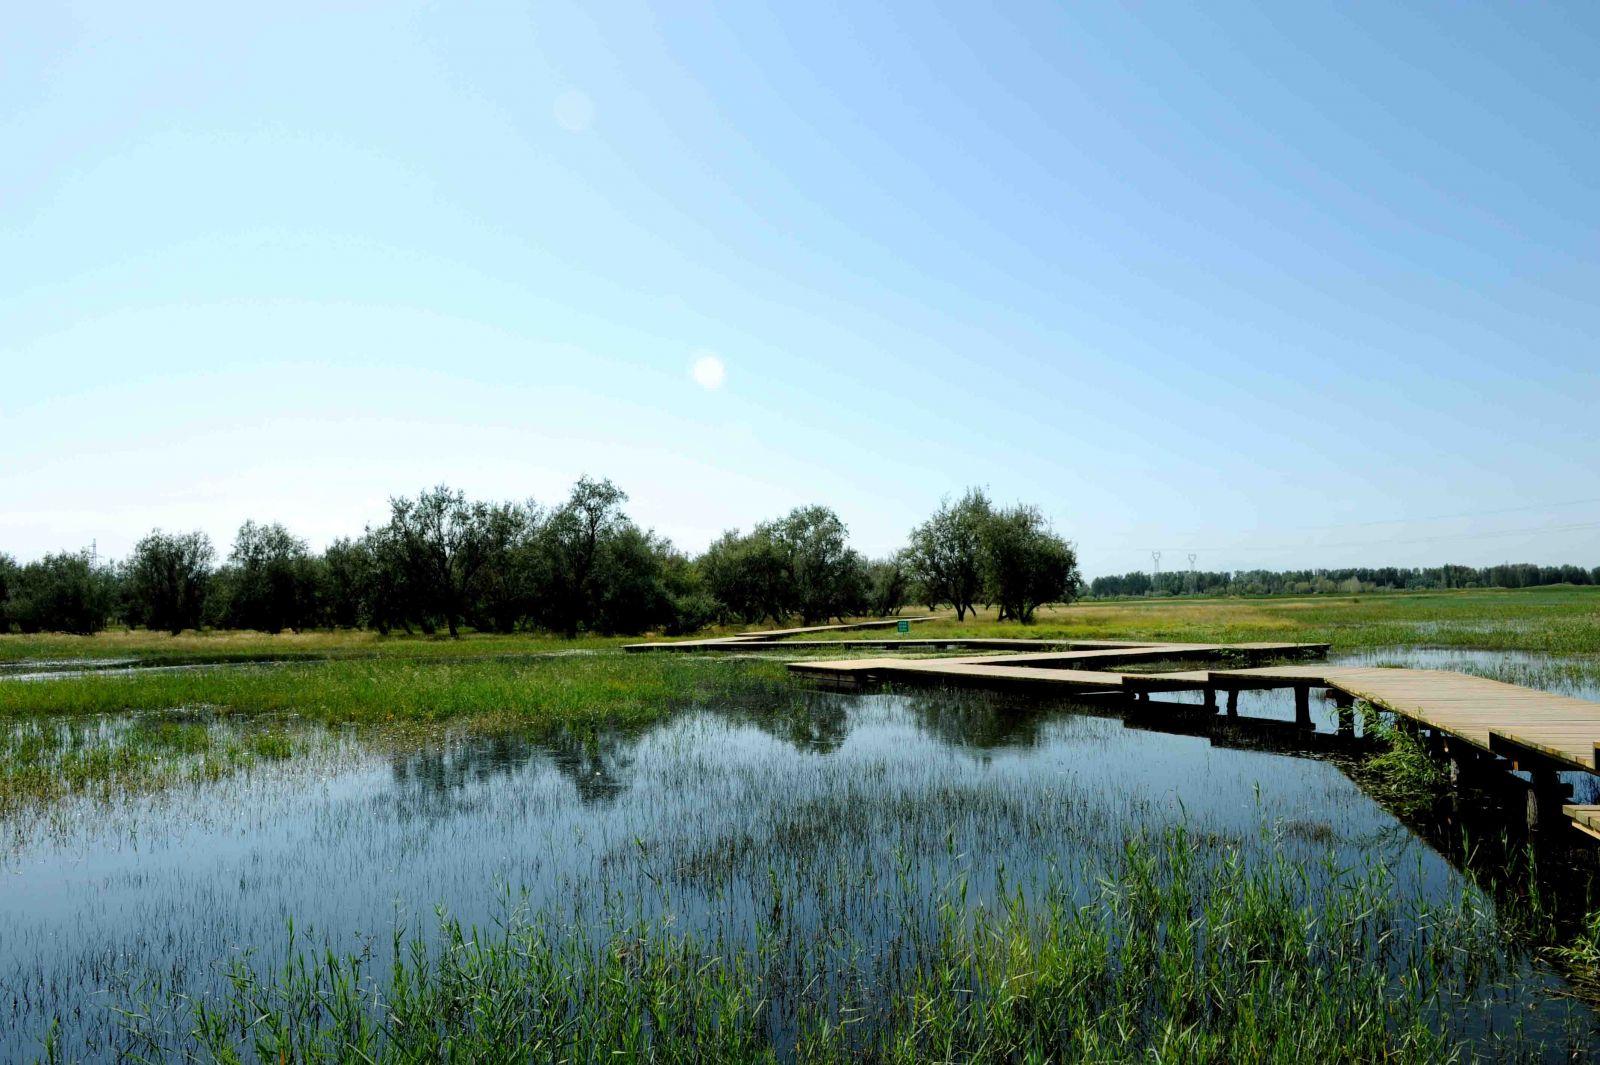 孟津县湿地局湿地保护区水渠及道路项目.jpg